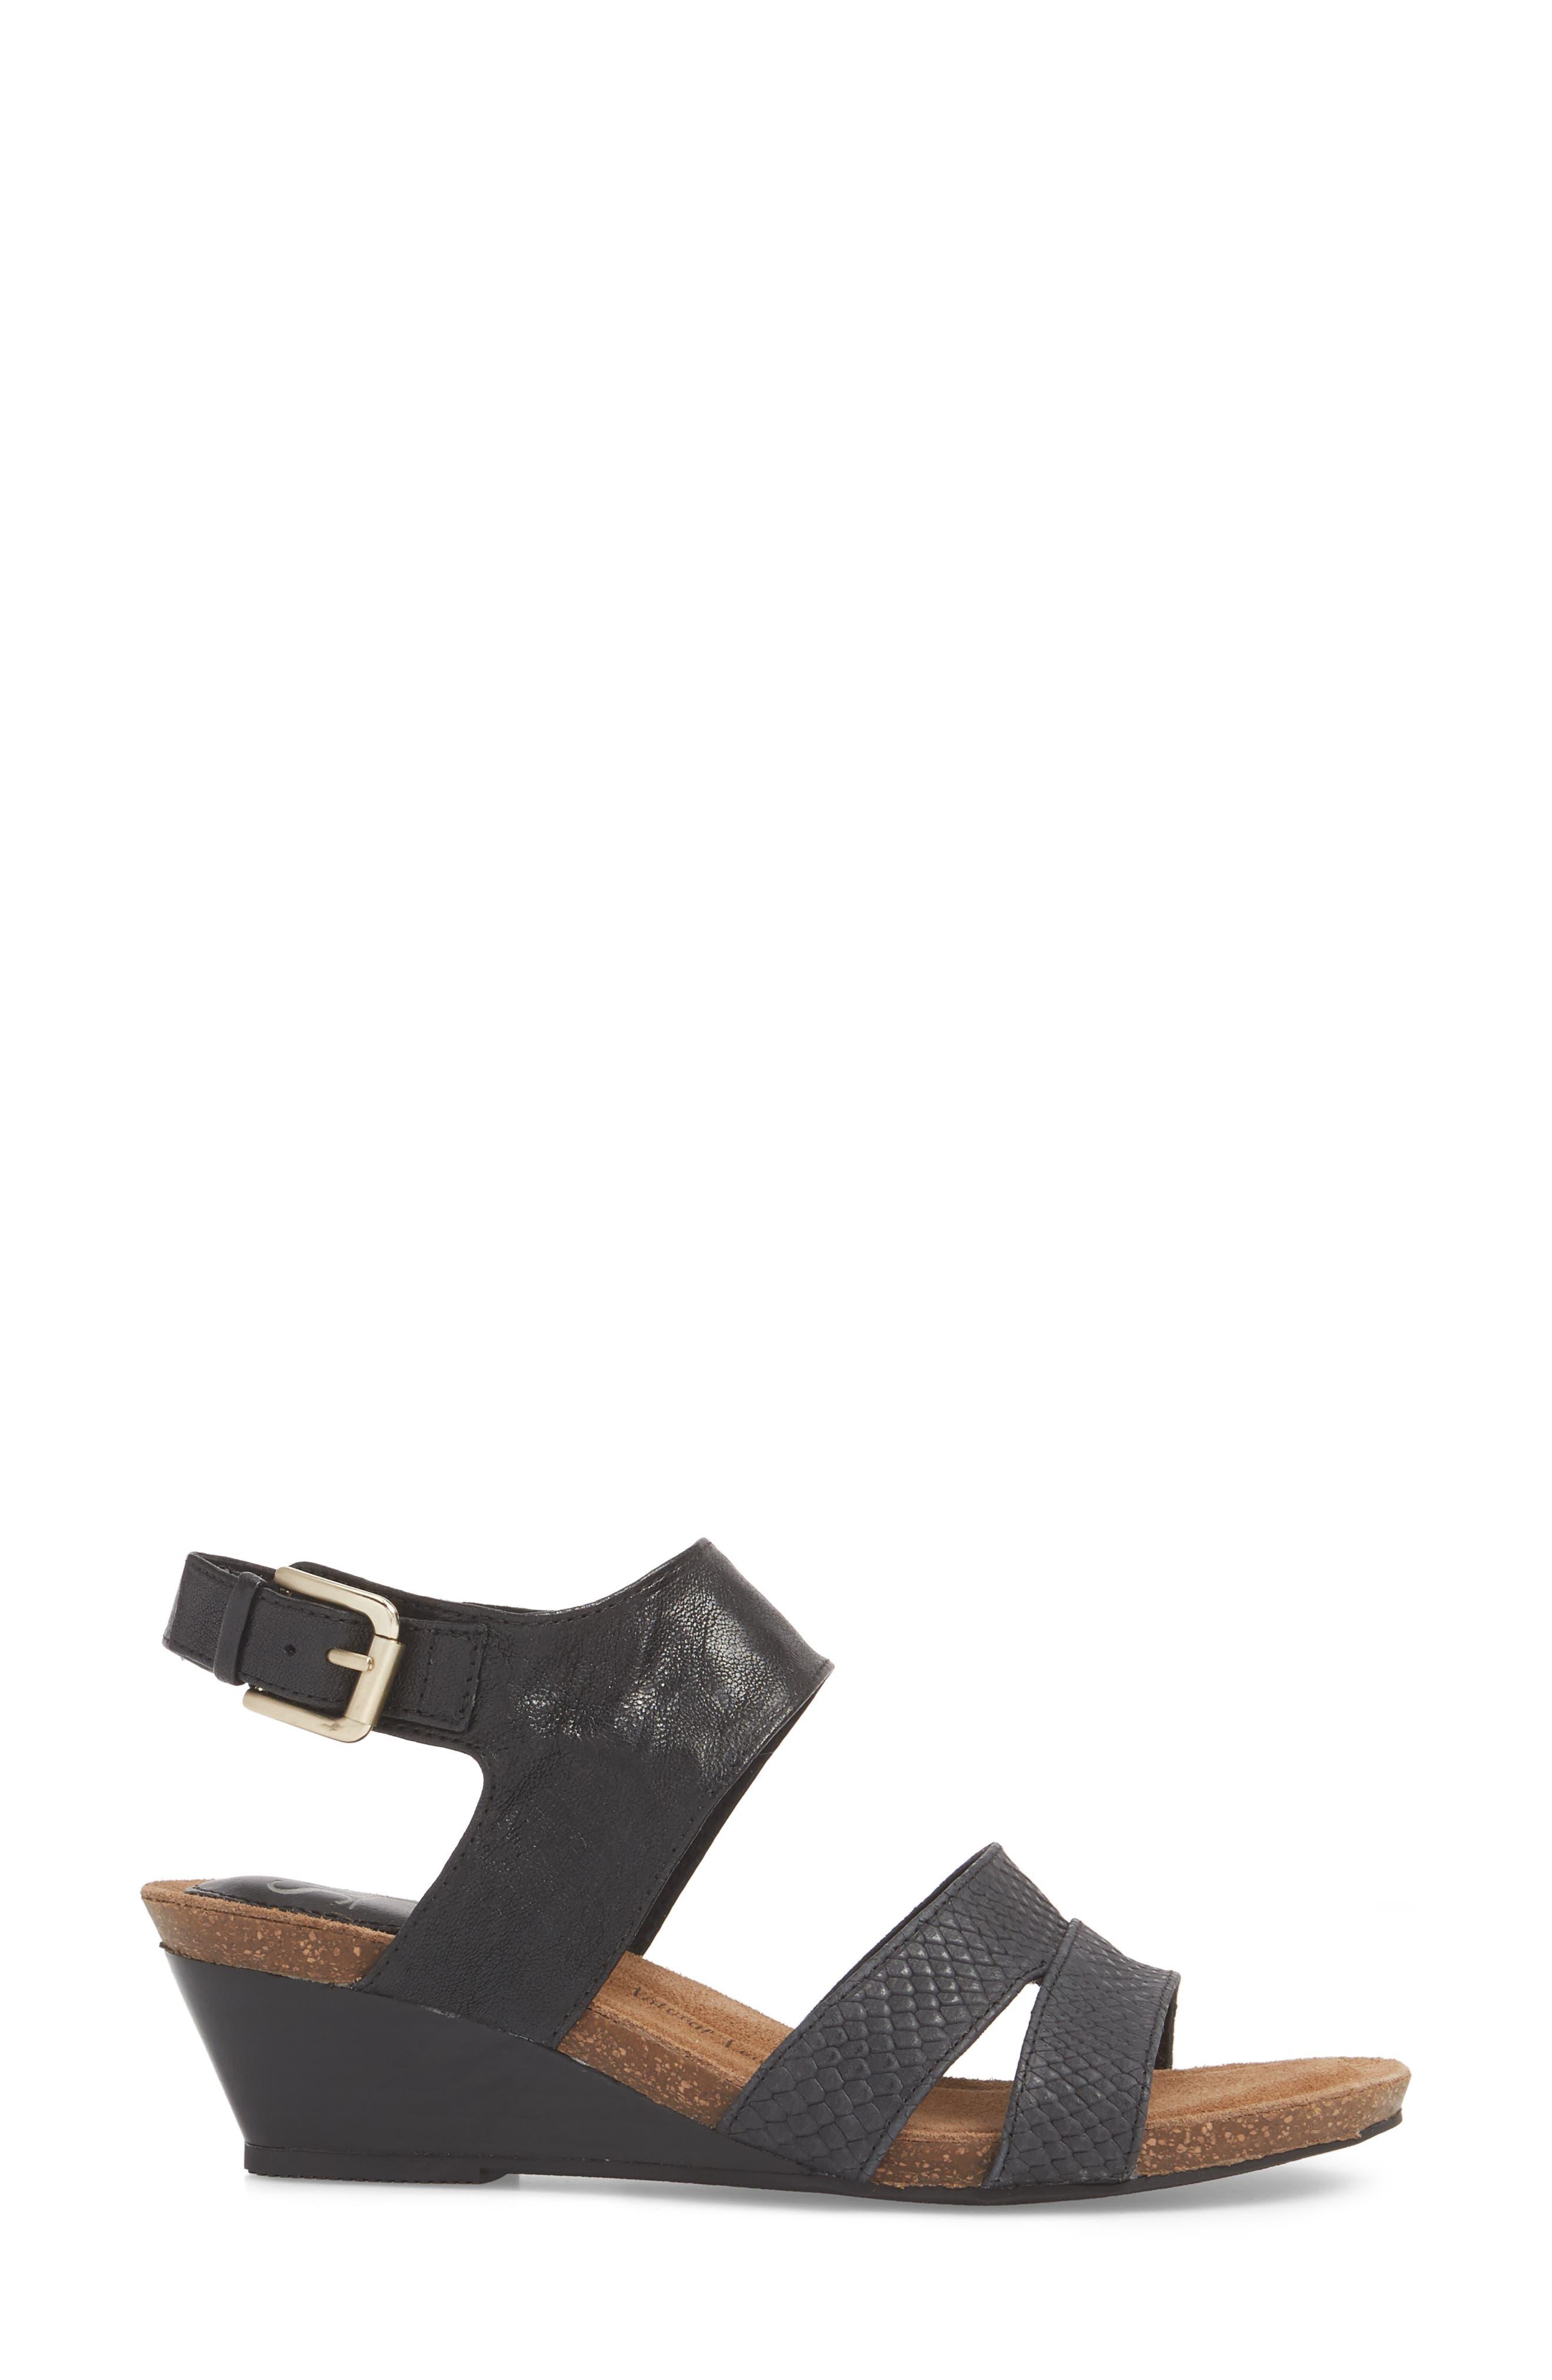 Alternate Image 3  - Söfft Velden Wedge Sandal (Women)